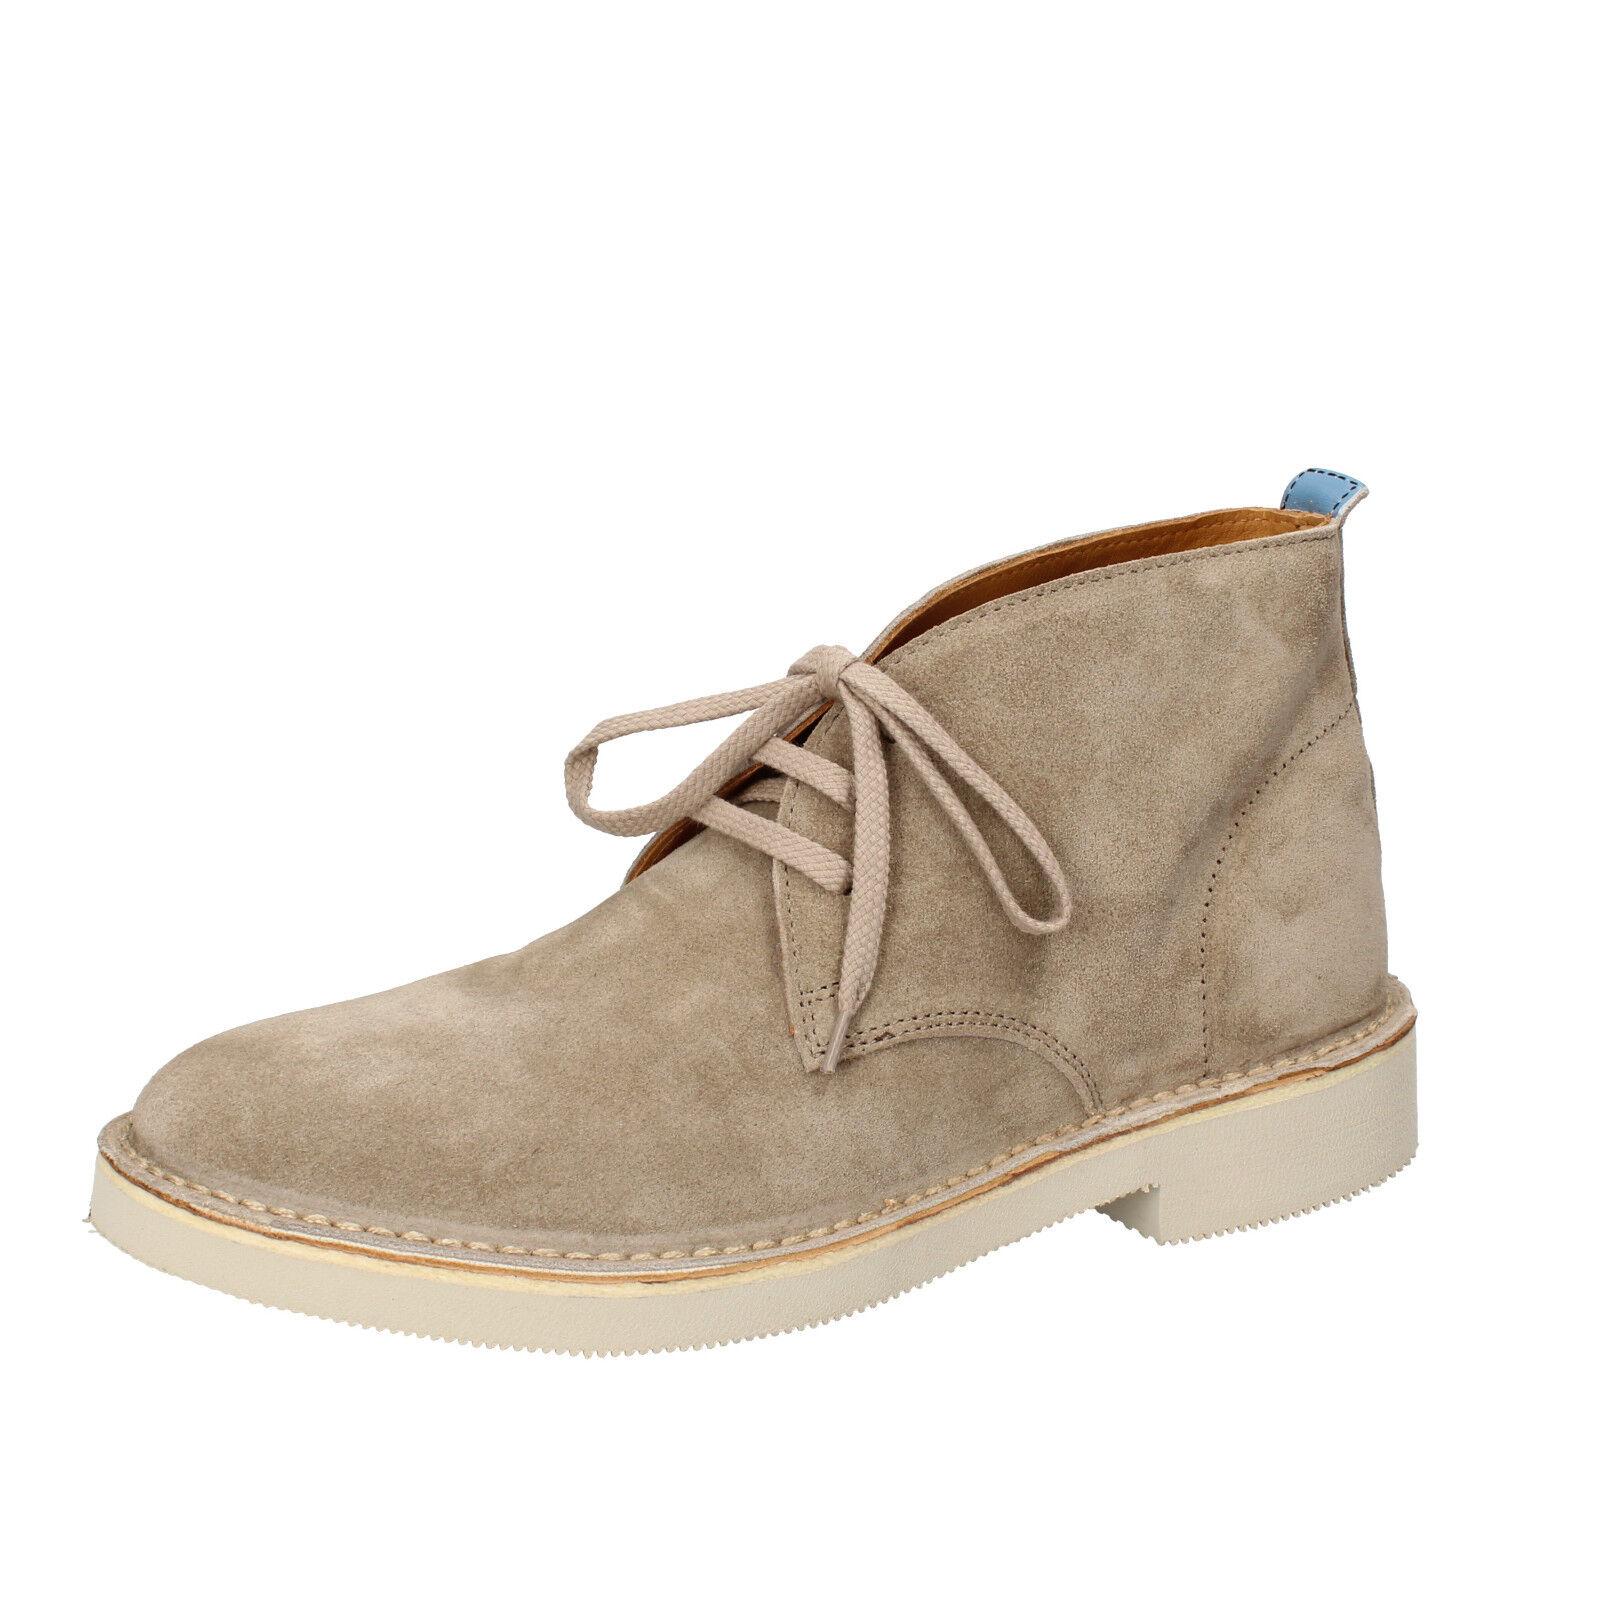 Mens shoes MOMA 7 (EU 41) desert boots beige suede AB326-D